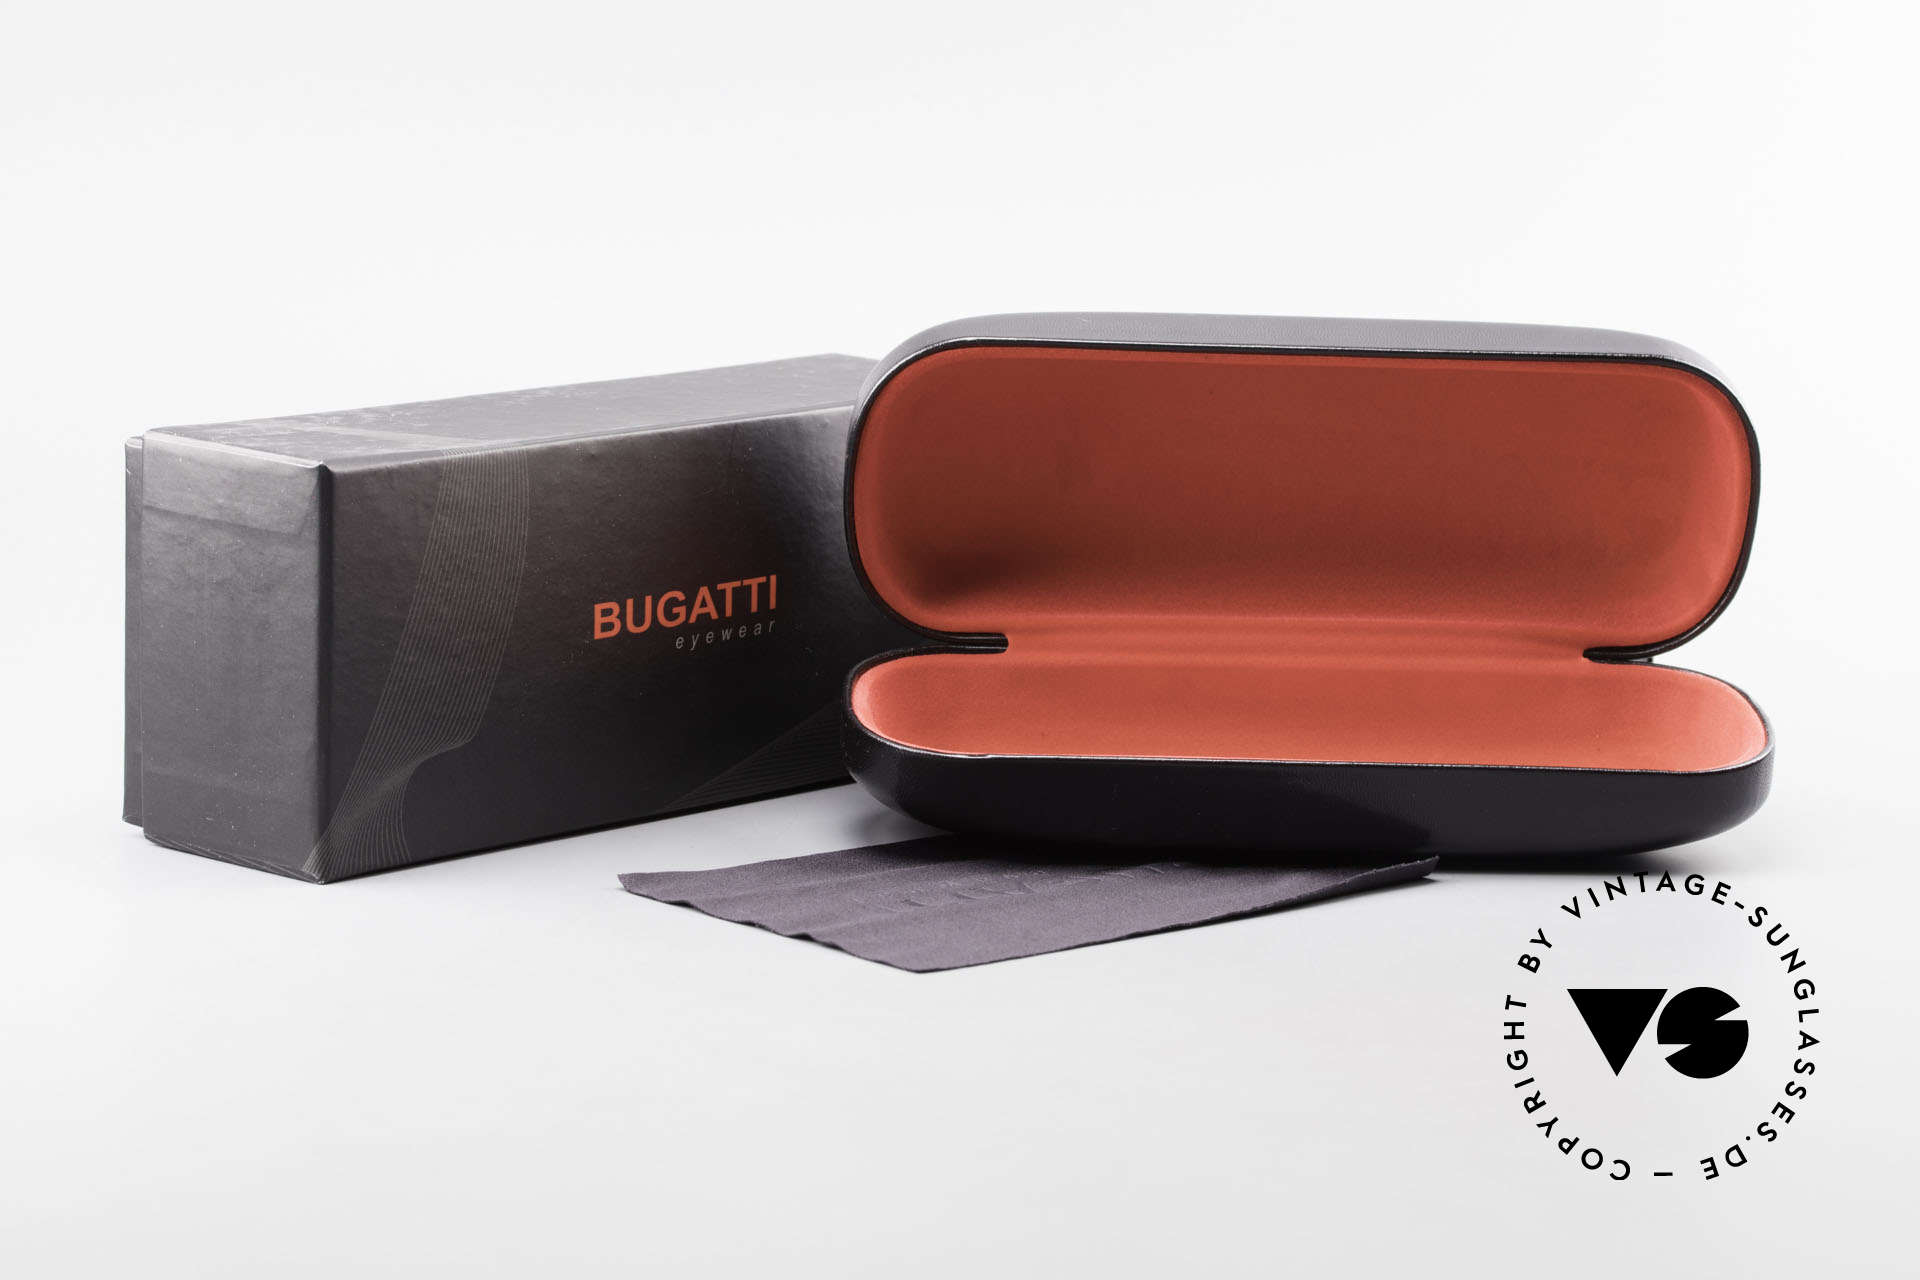 Bugatti 517 Ebenholz Graugold Fassung, Größe: large, Passend für Herren